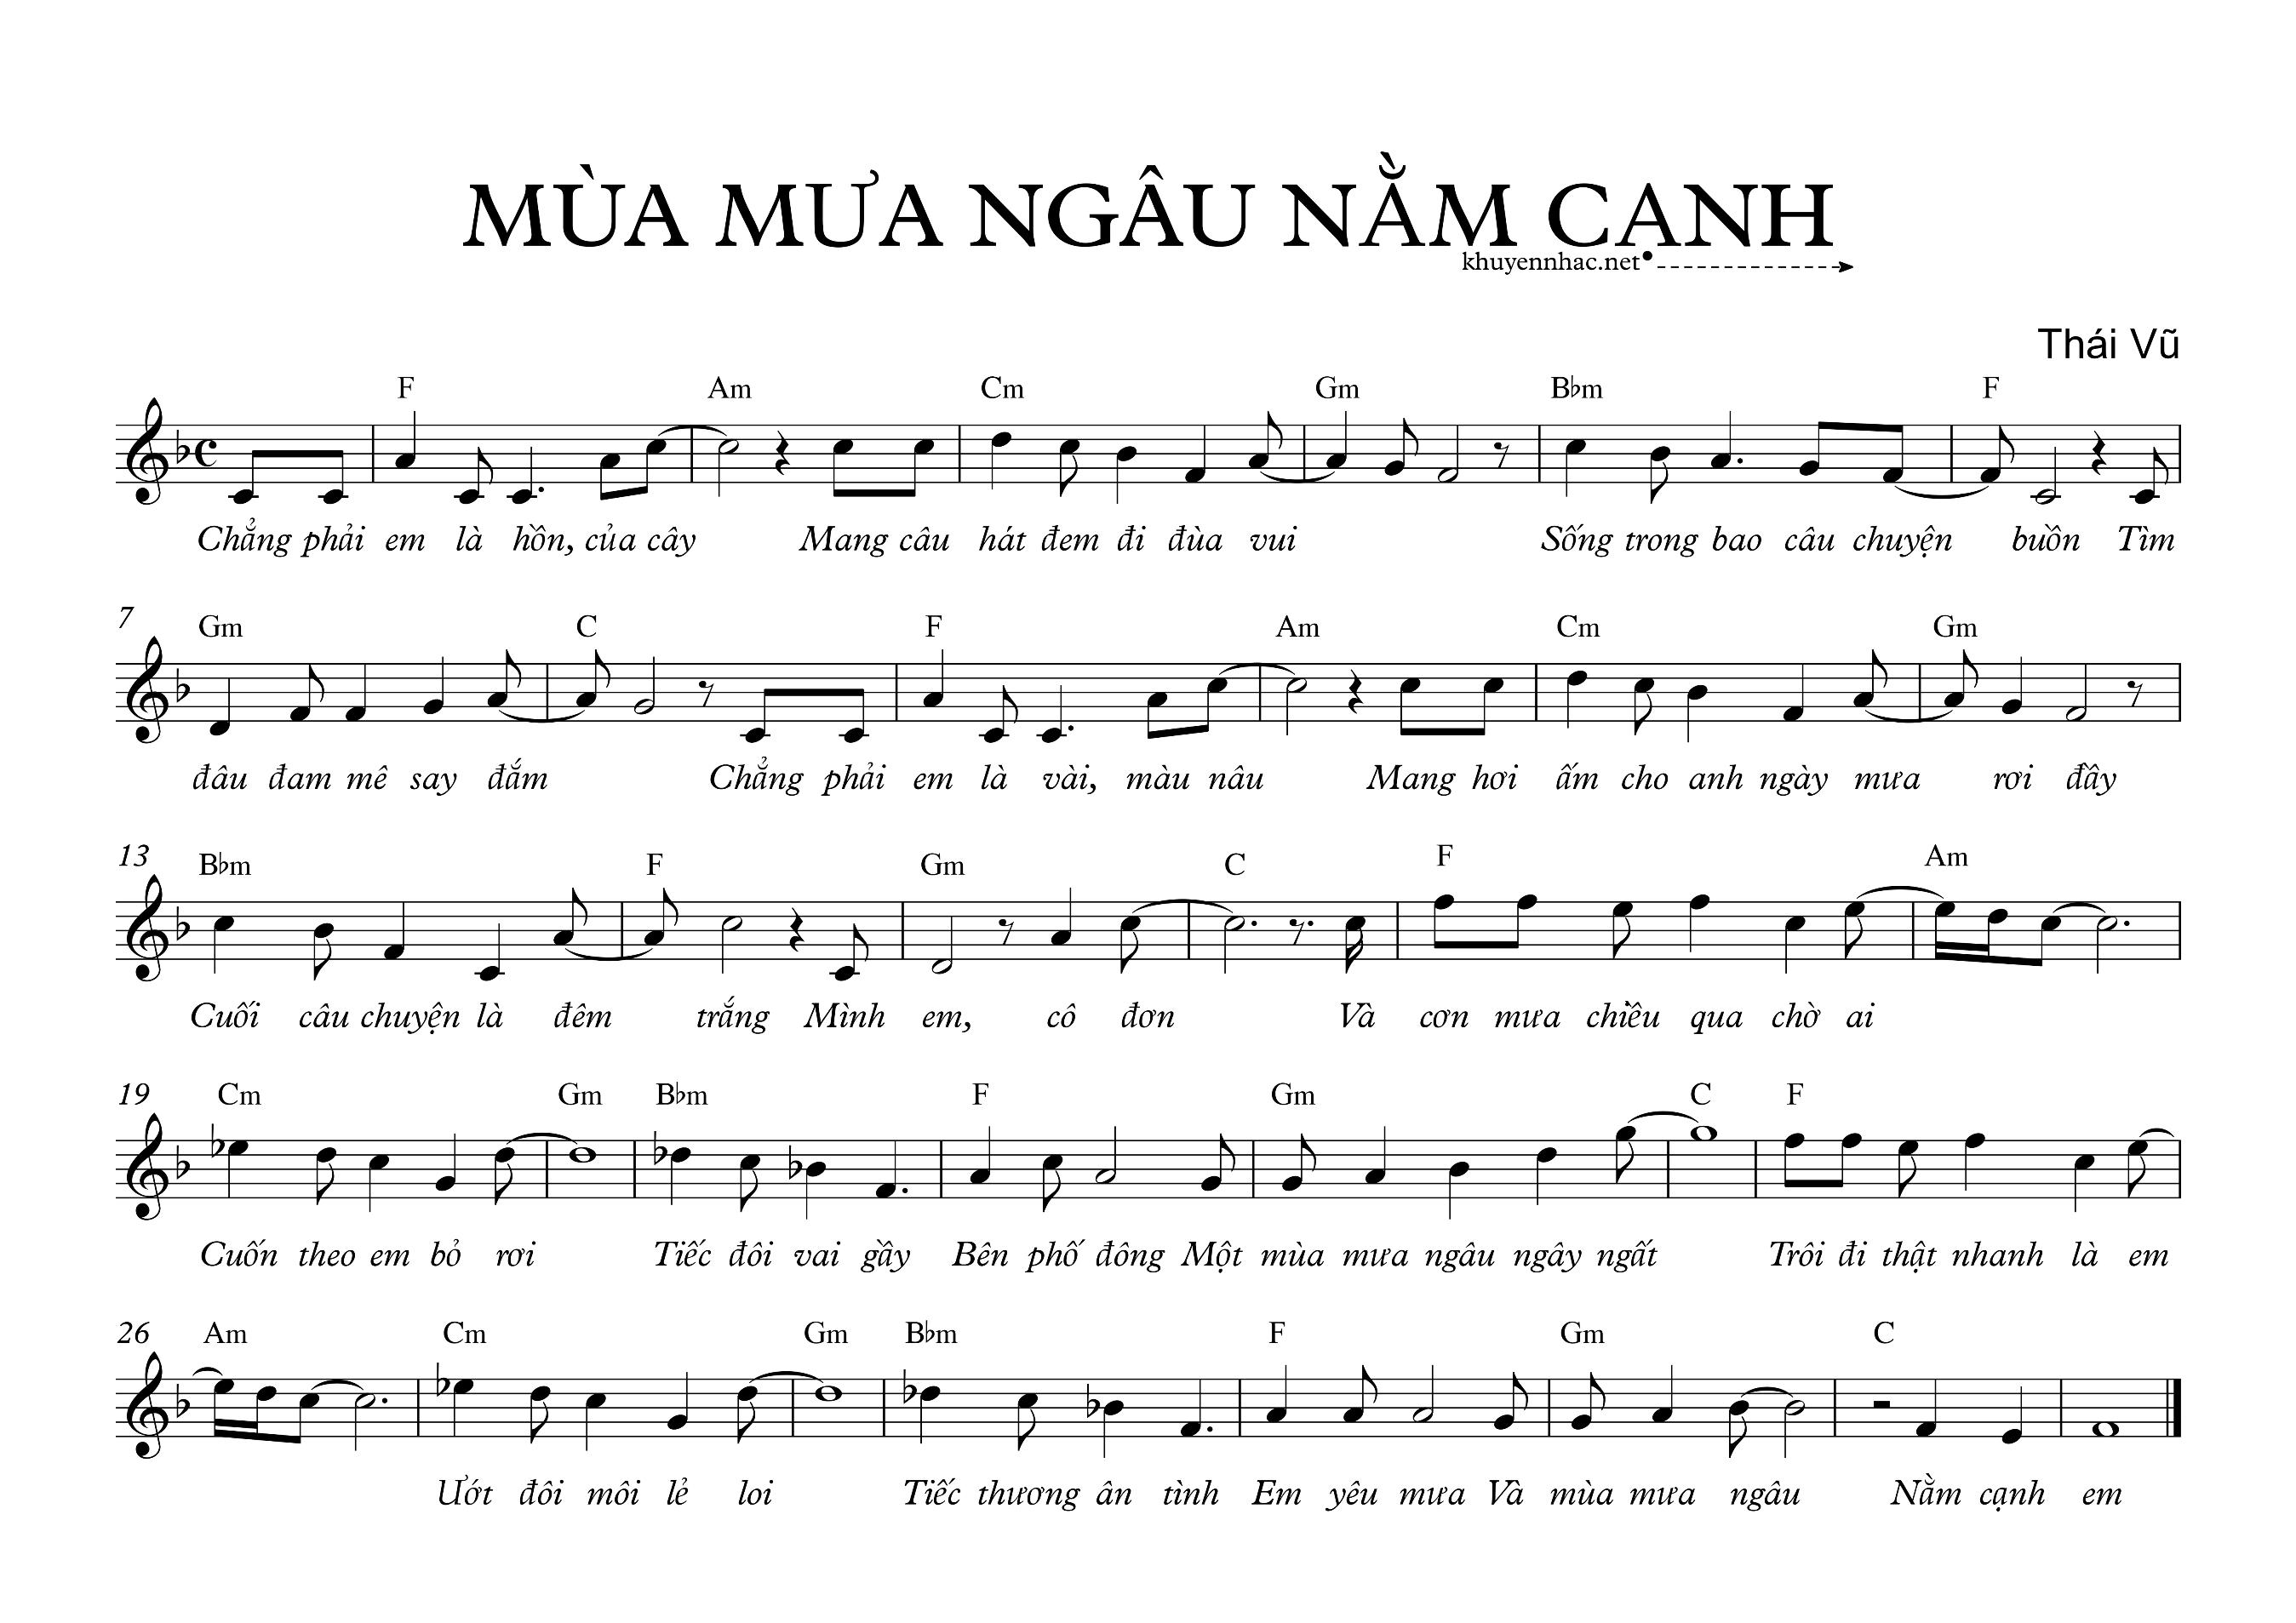 Sheet nhac Mua-mua-ngau-nam-canh.png